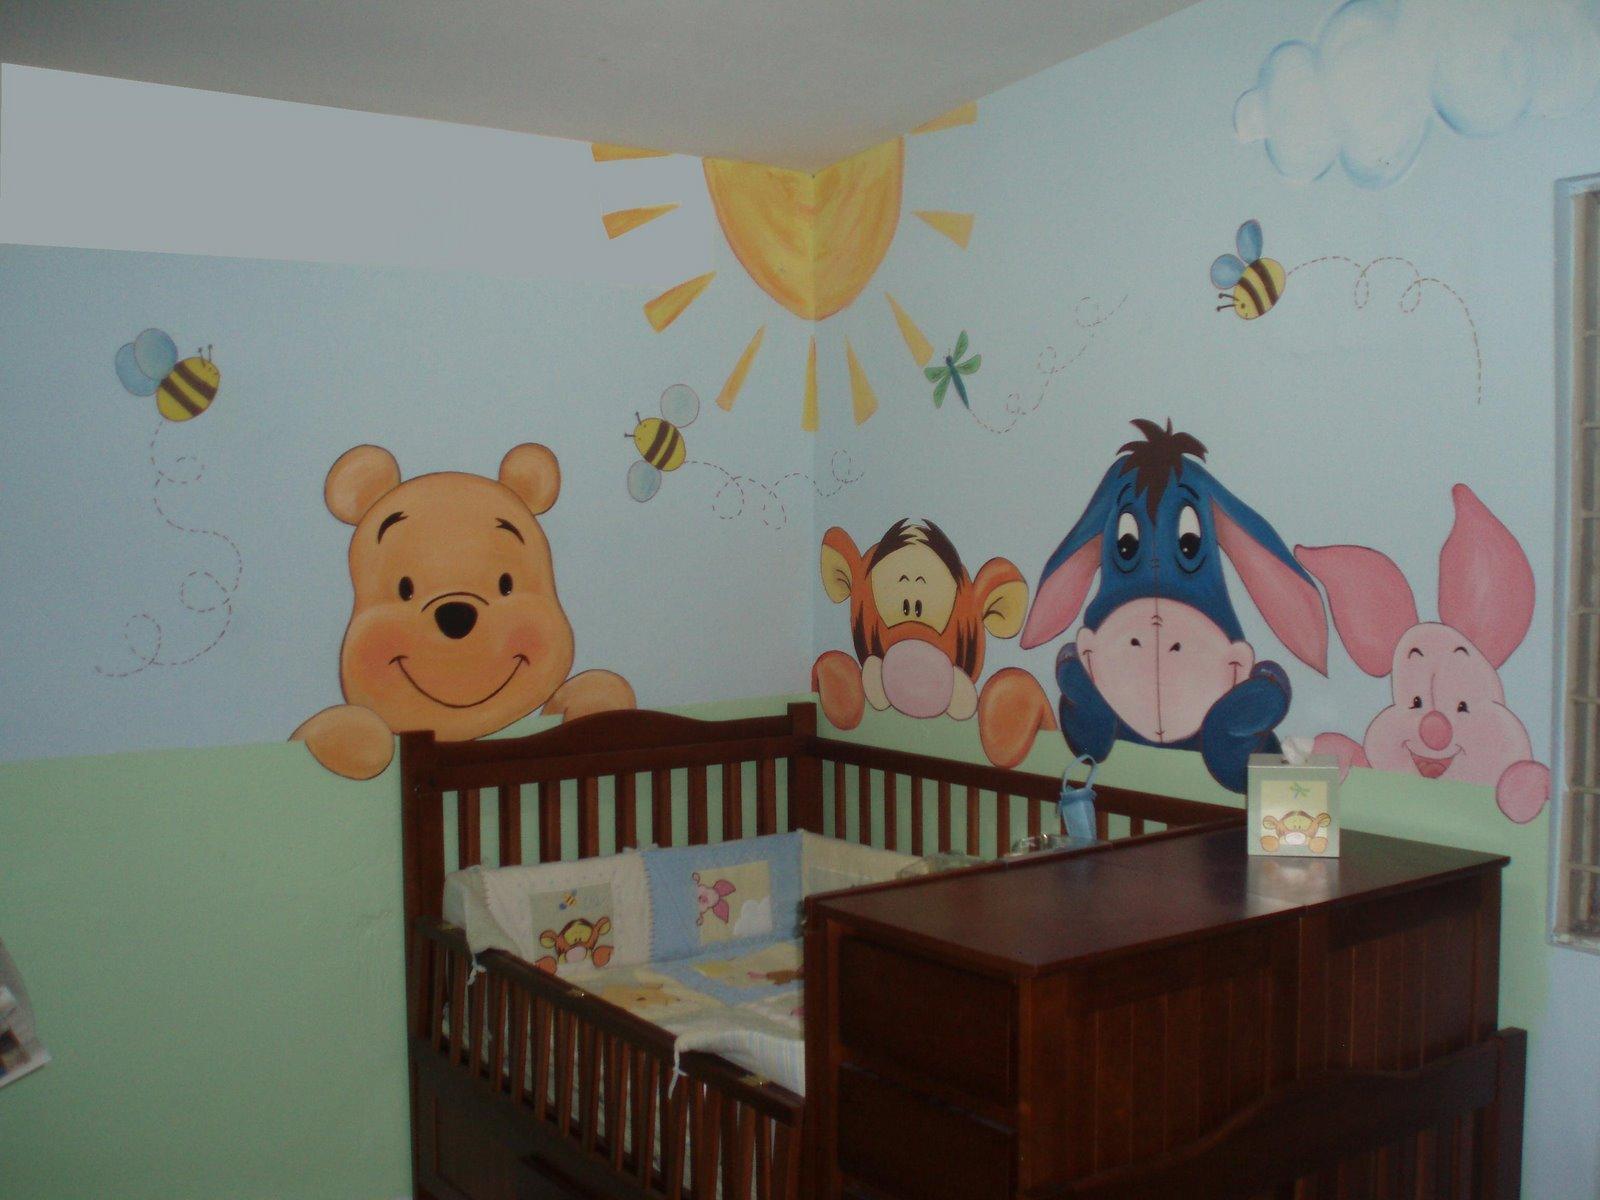 Decoracion Recamaras De Bebes ~ MURALES INFANTILES Mirando al Bebe Recamara Phoo y sua amigos